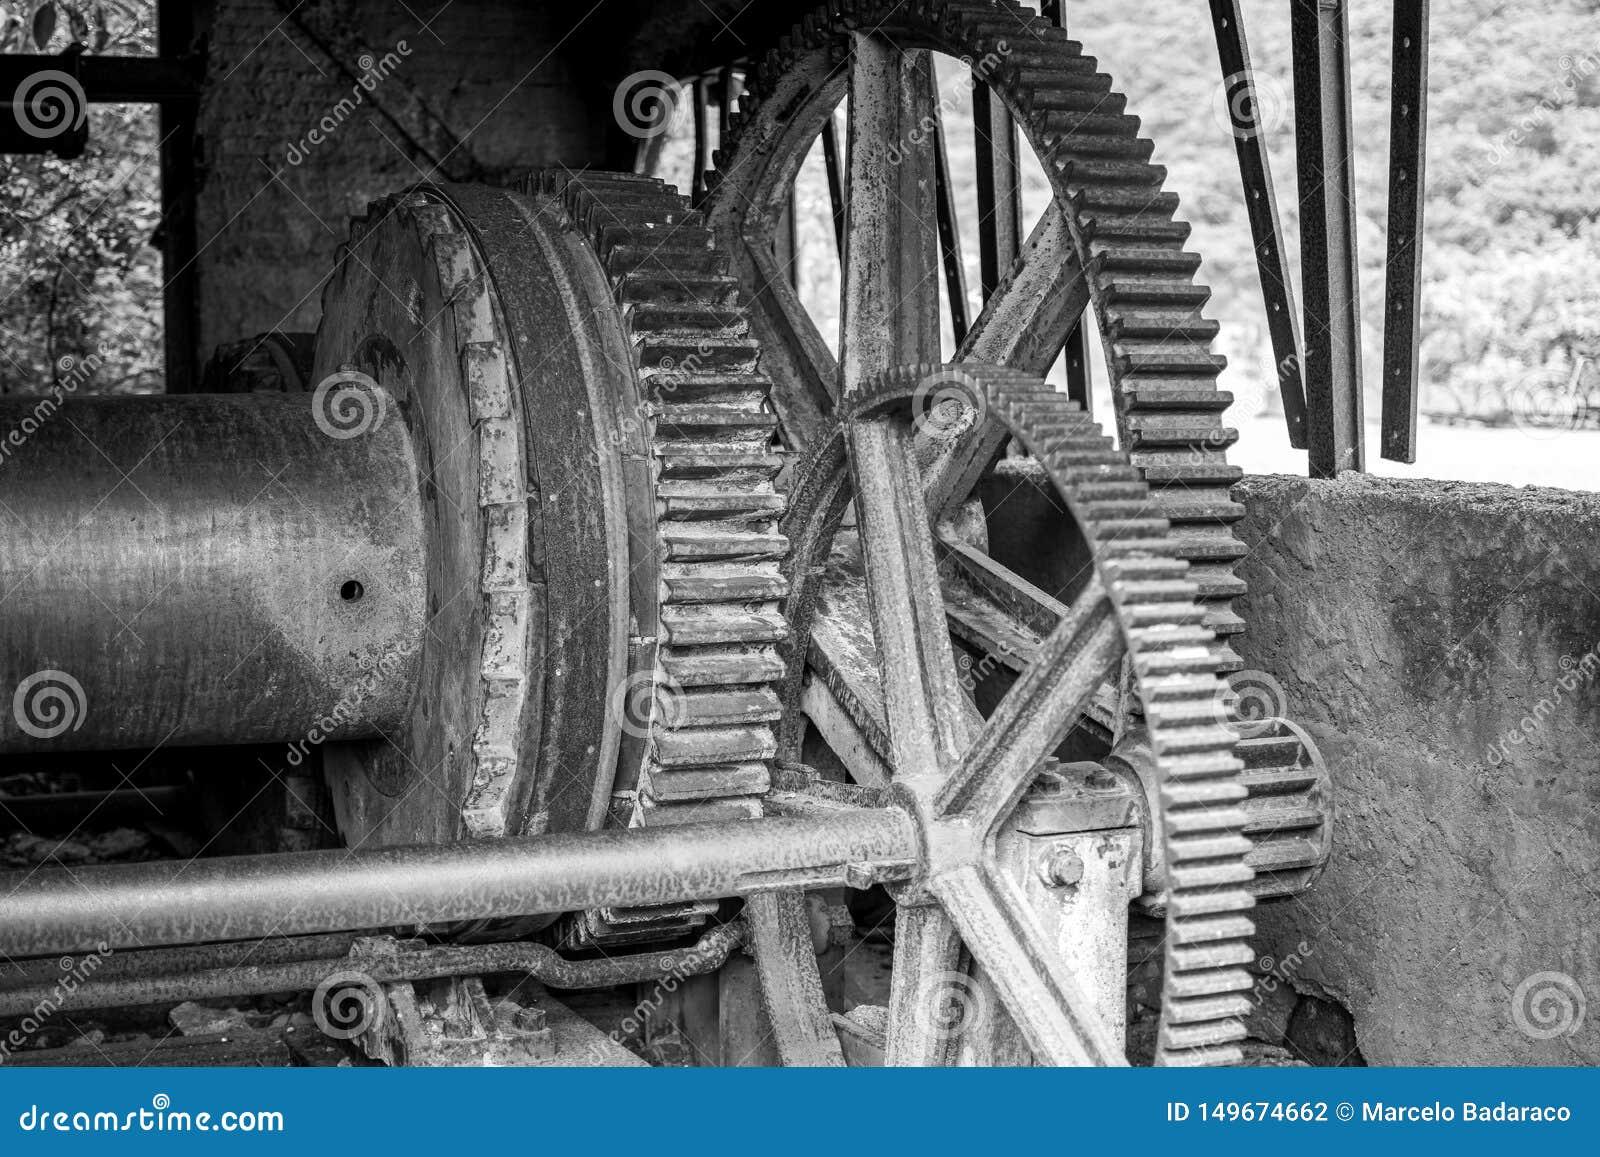 Maquinaria em desuso e rejeitada no setor mineiro